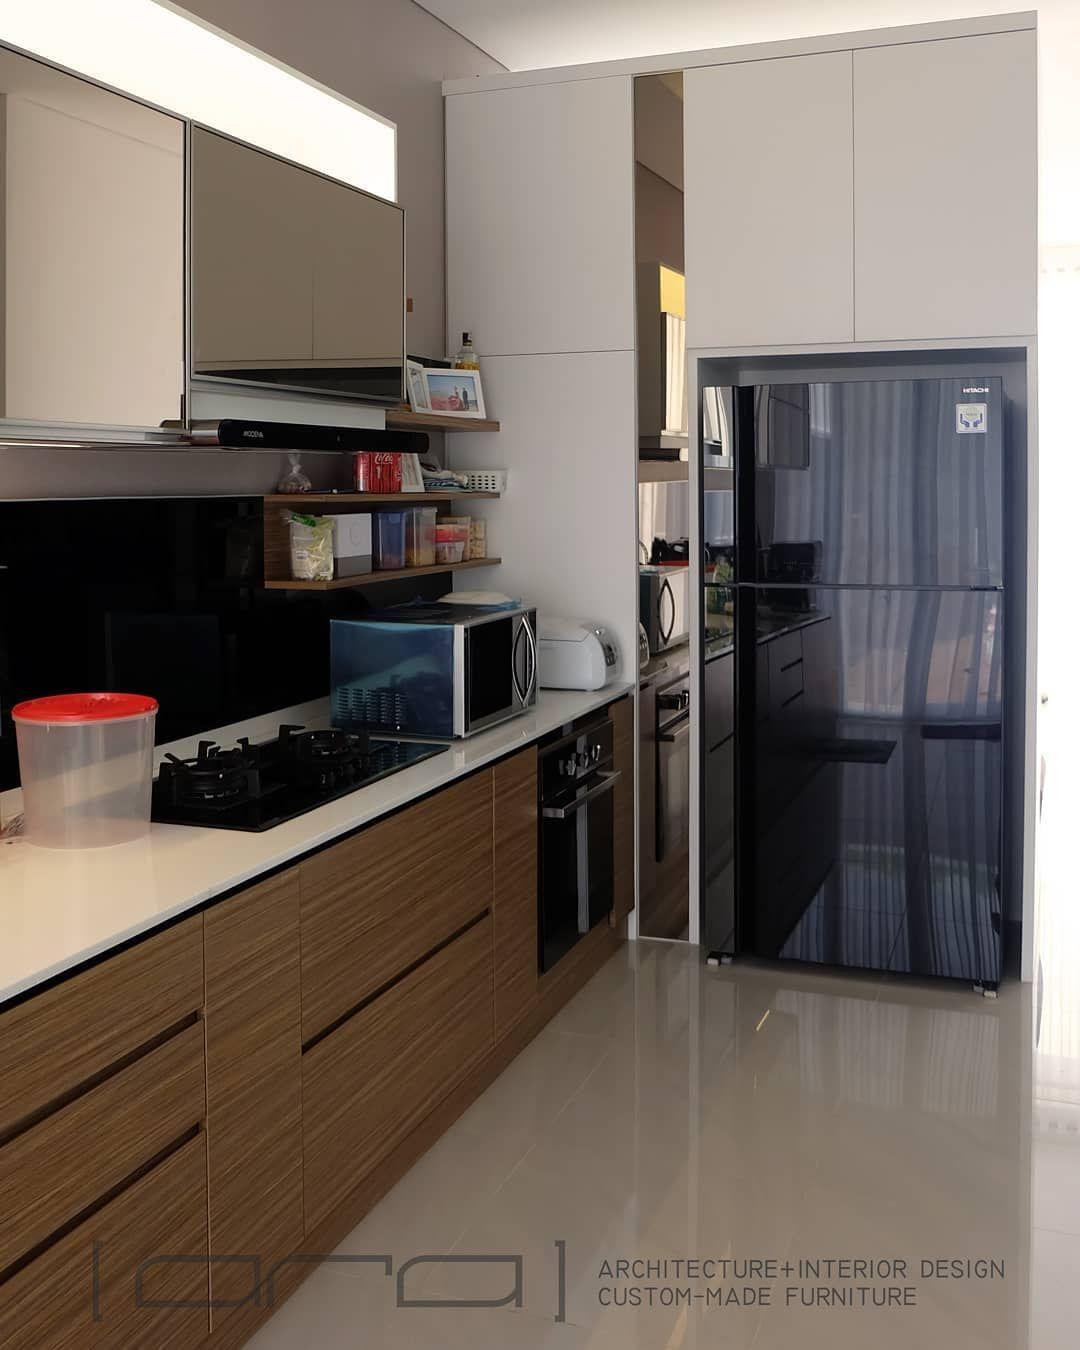 DS House küchen küchenset kitchendesign custom white